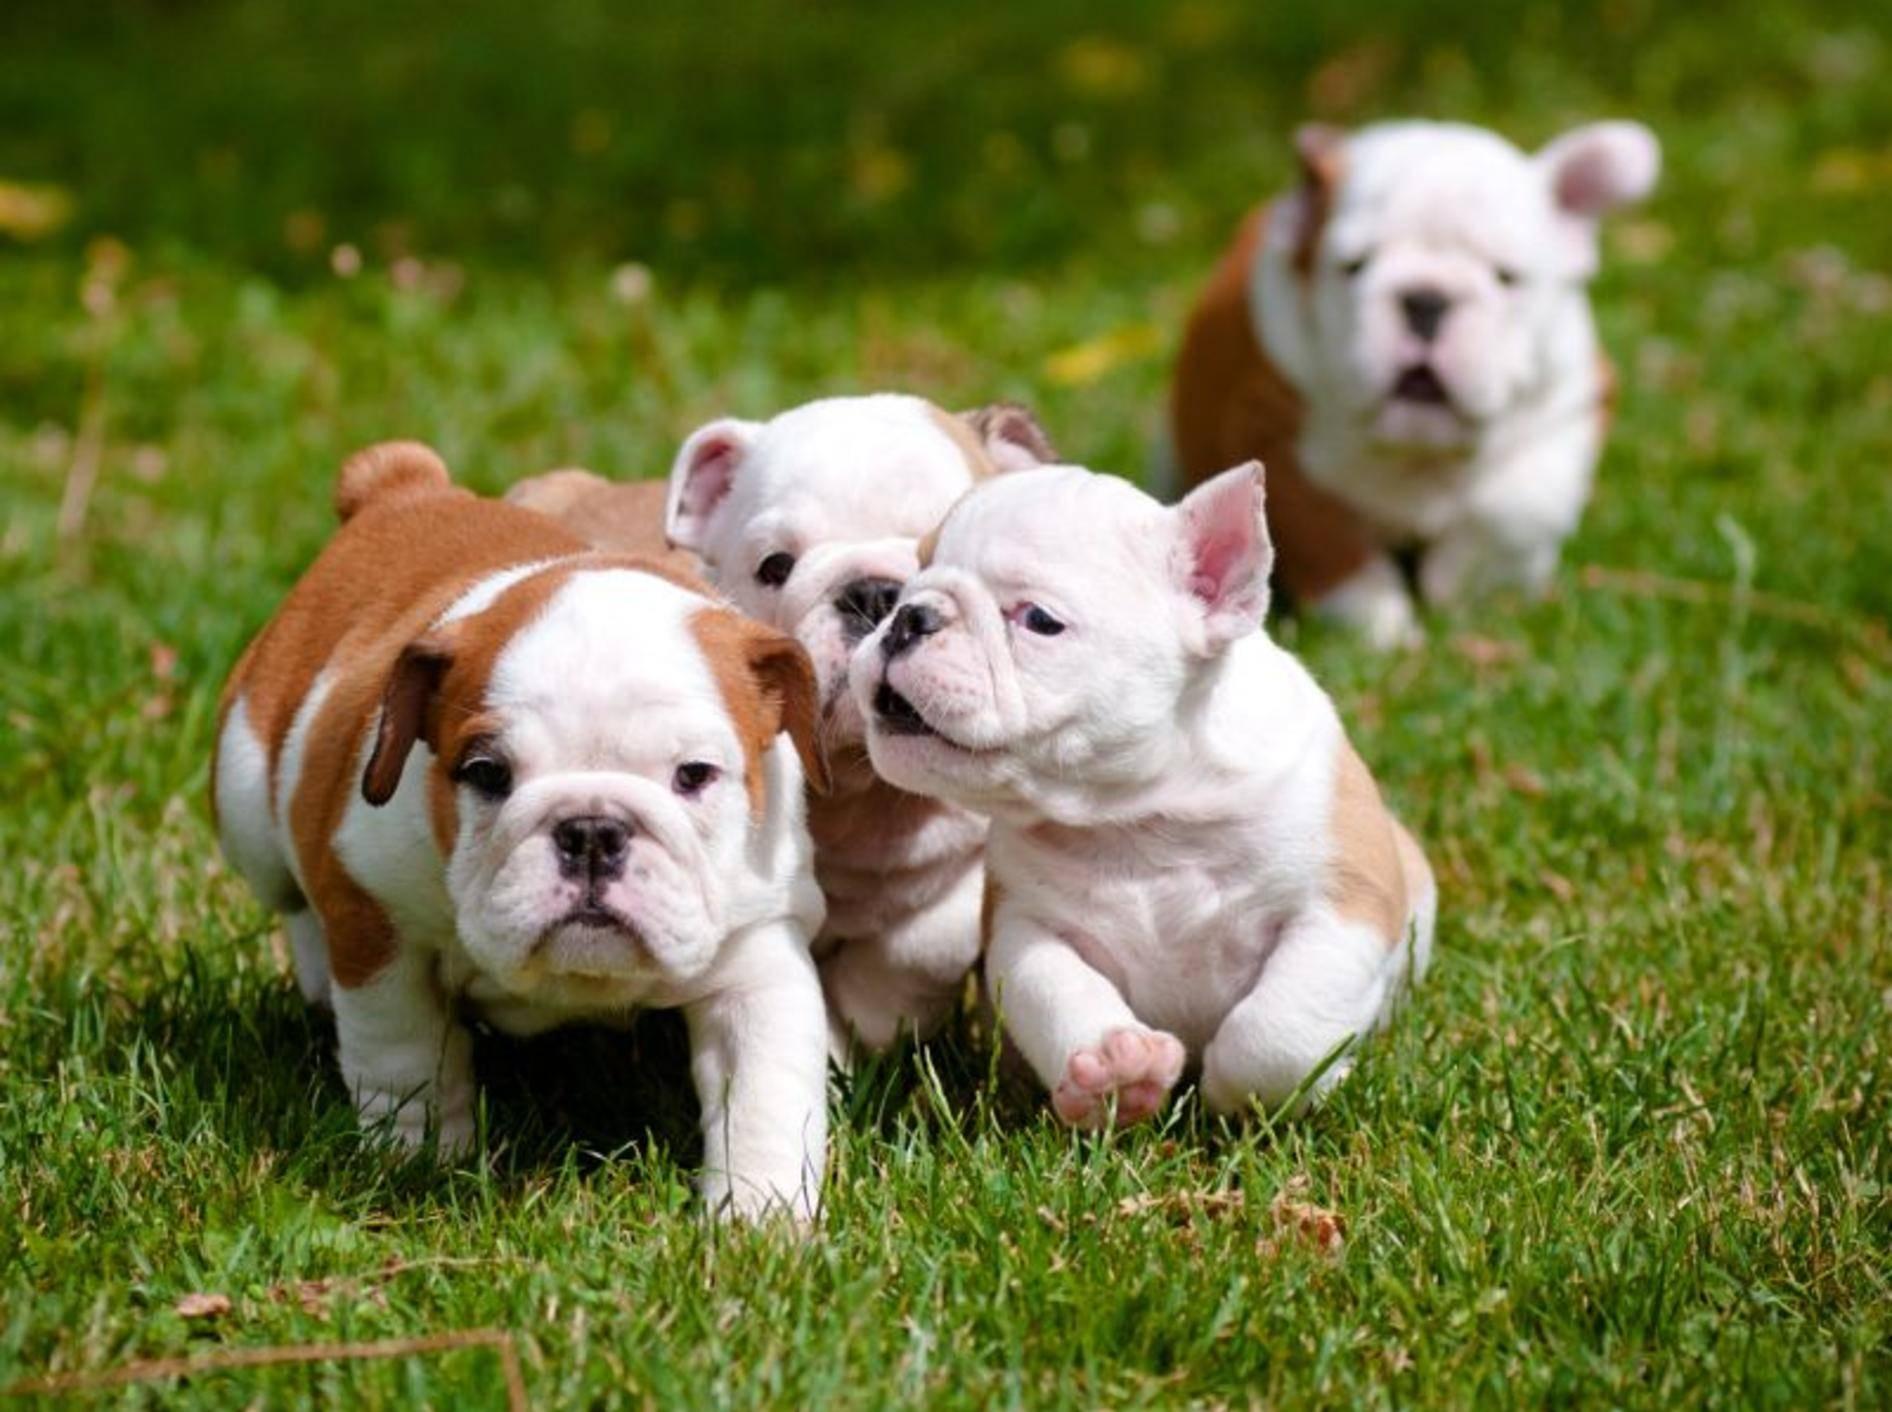 Wie Englische Bulldoggen ihre ersten Ausflüge ins Grüne am besten genießen können? Na klar, mit ihren Geschwistern! – Bild: Shutterstock / otsphoto